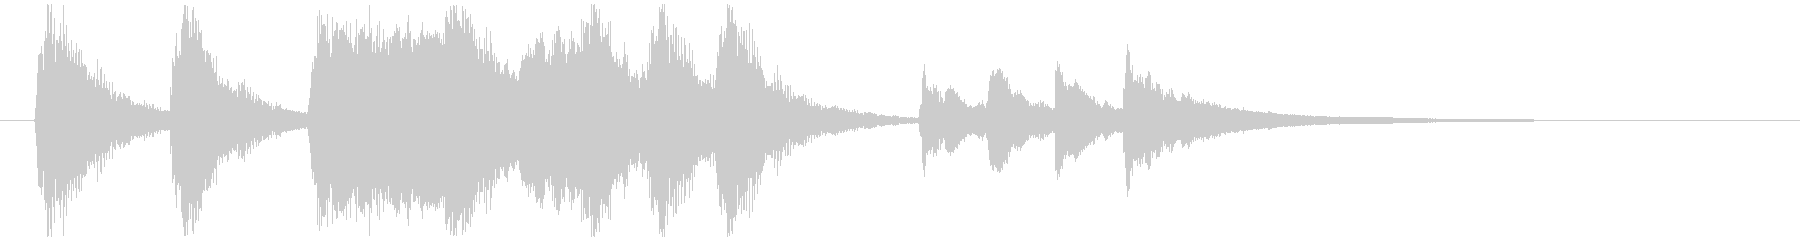 のんびり、おどけたオーケストラロゴの未再生の波形